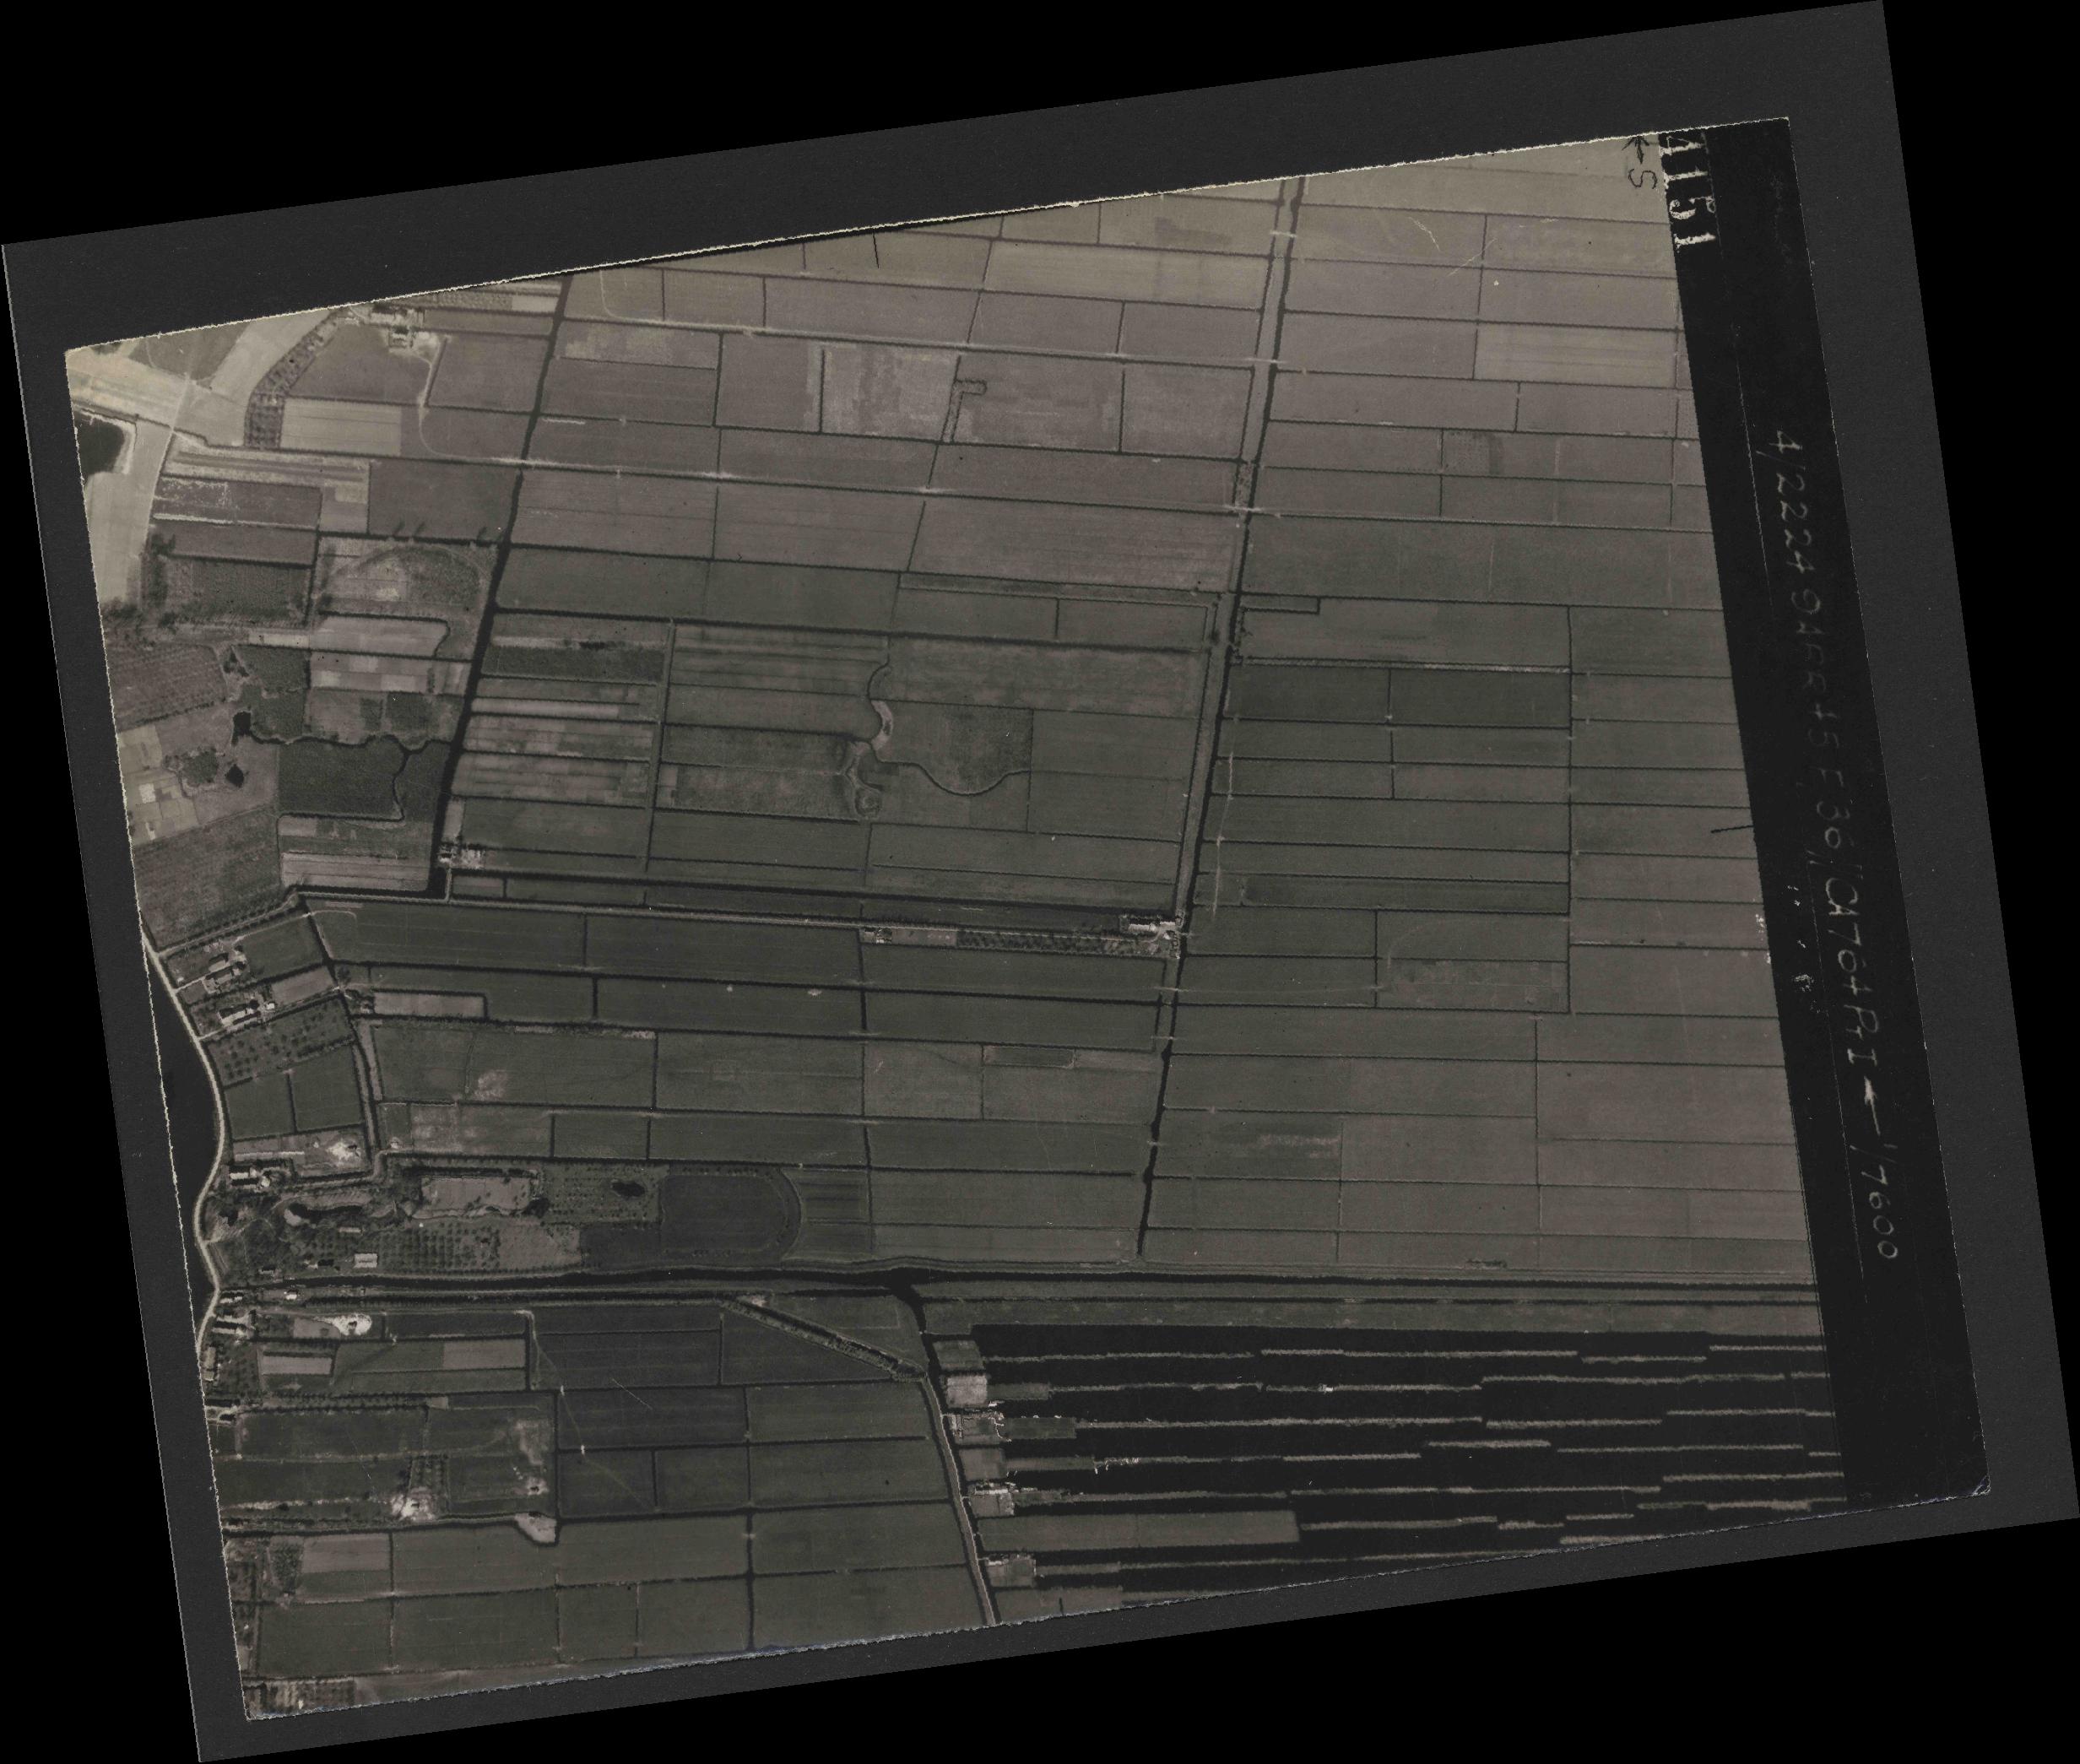 Collection RAF aerial photos 1940-1945 - flight 271, run 12, photo 4151